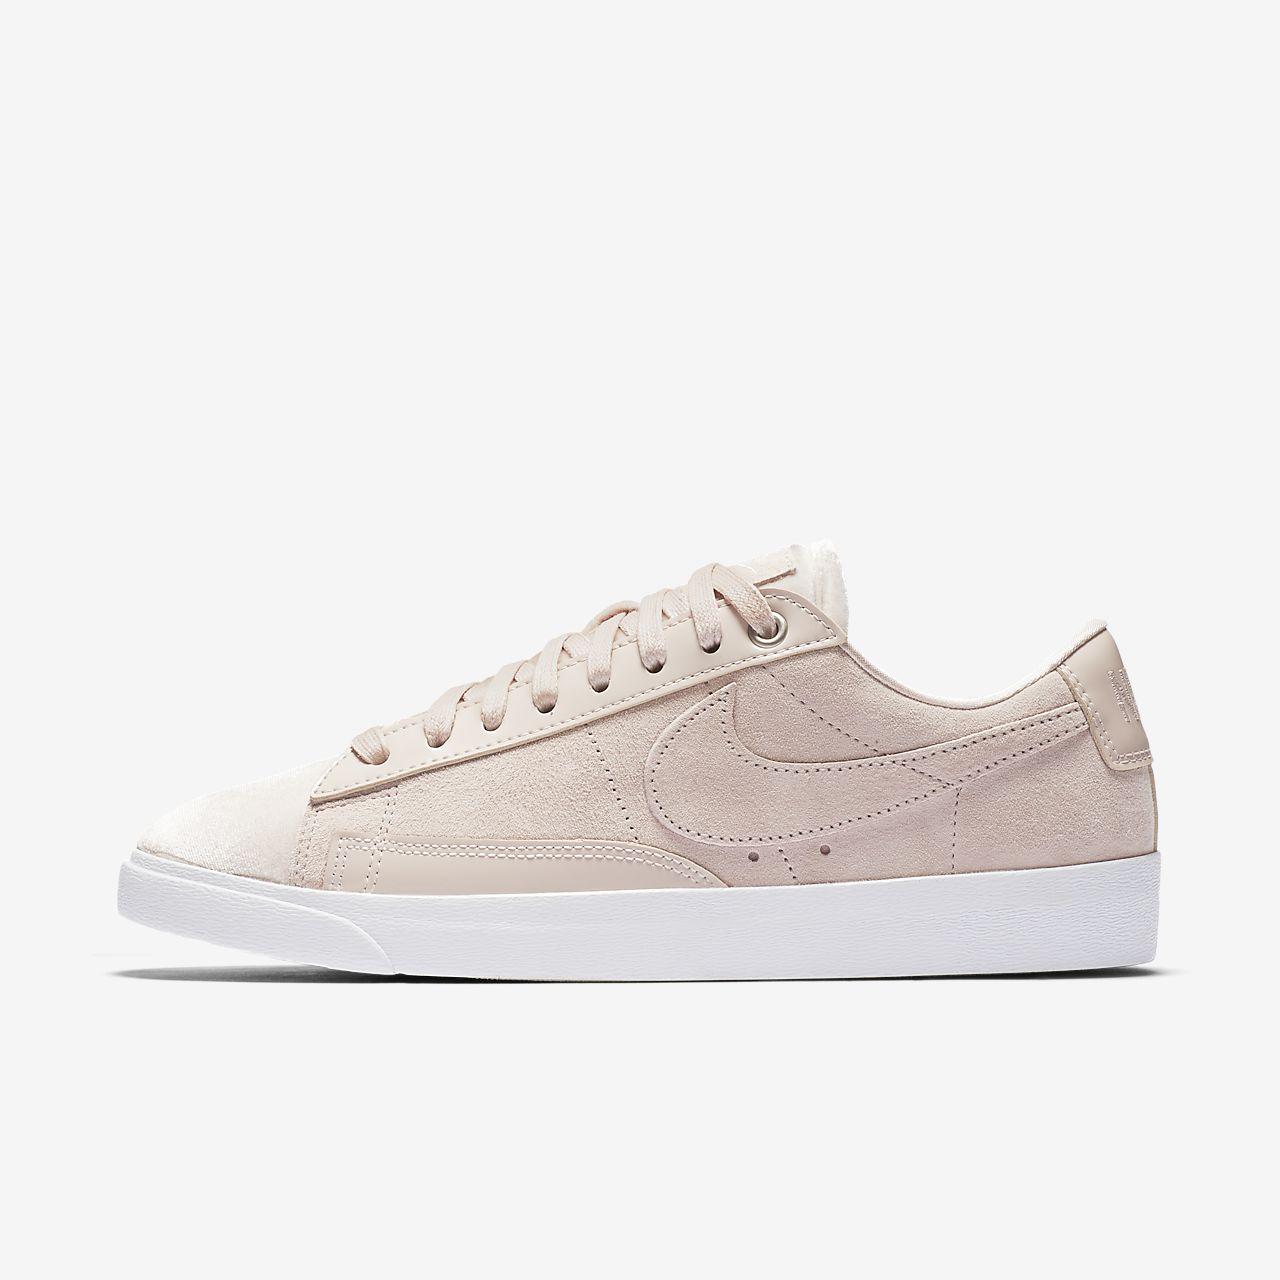 Nike Blazer Low LX Womens Shoe